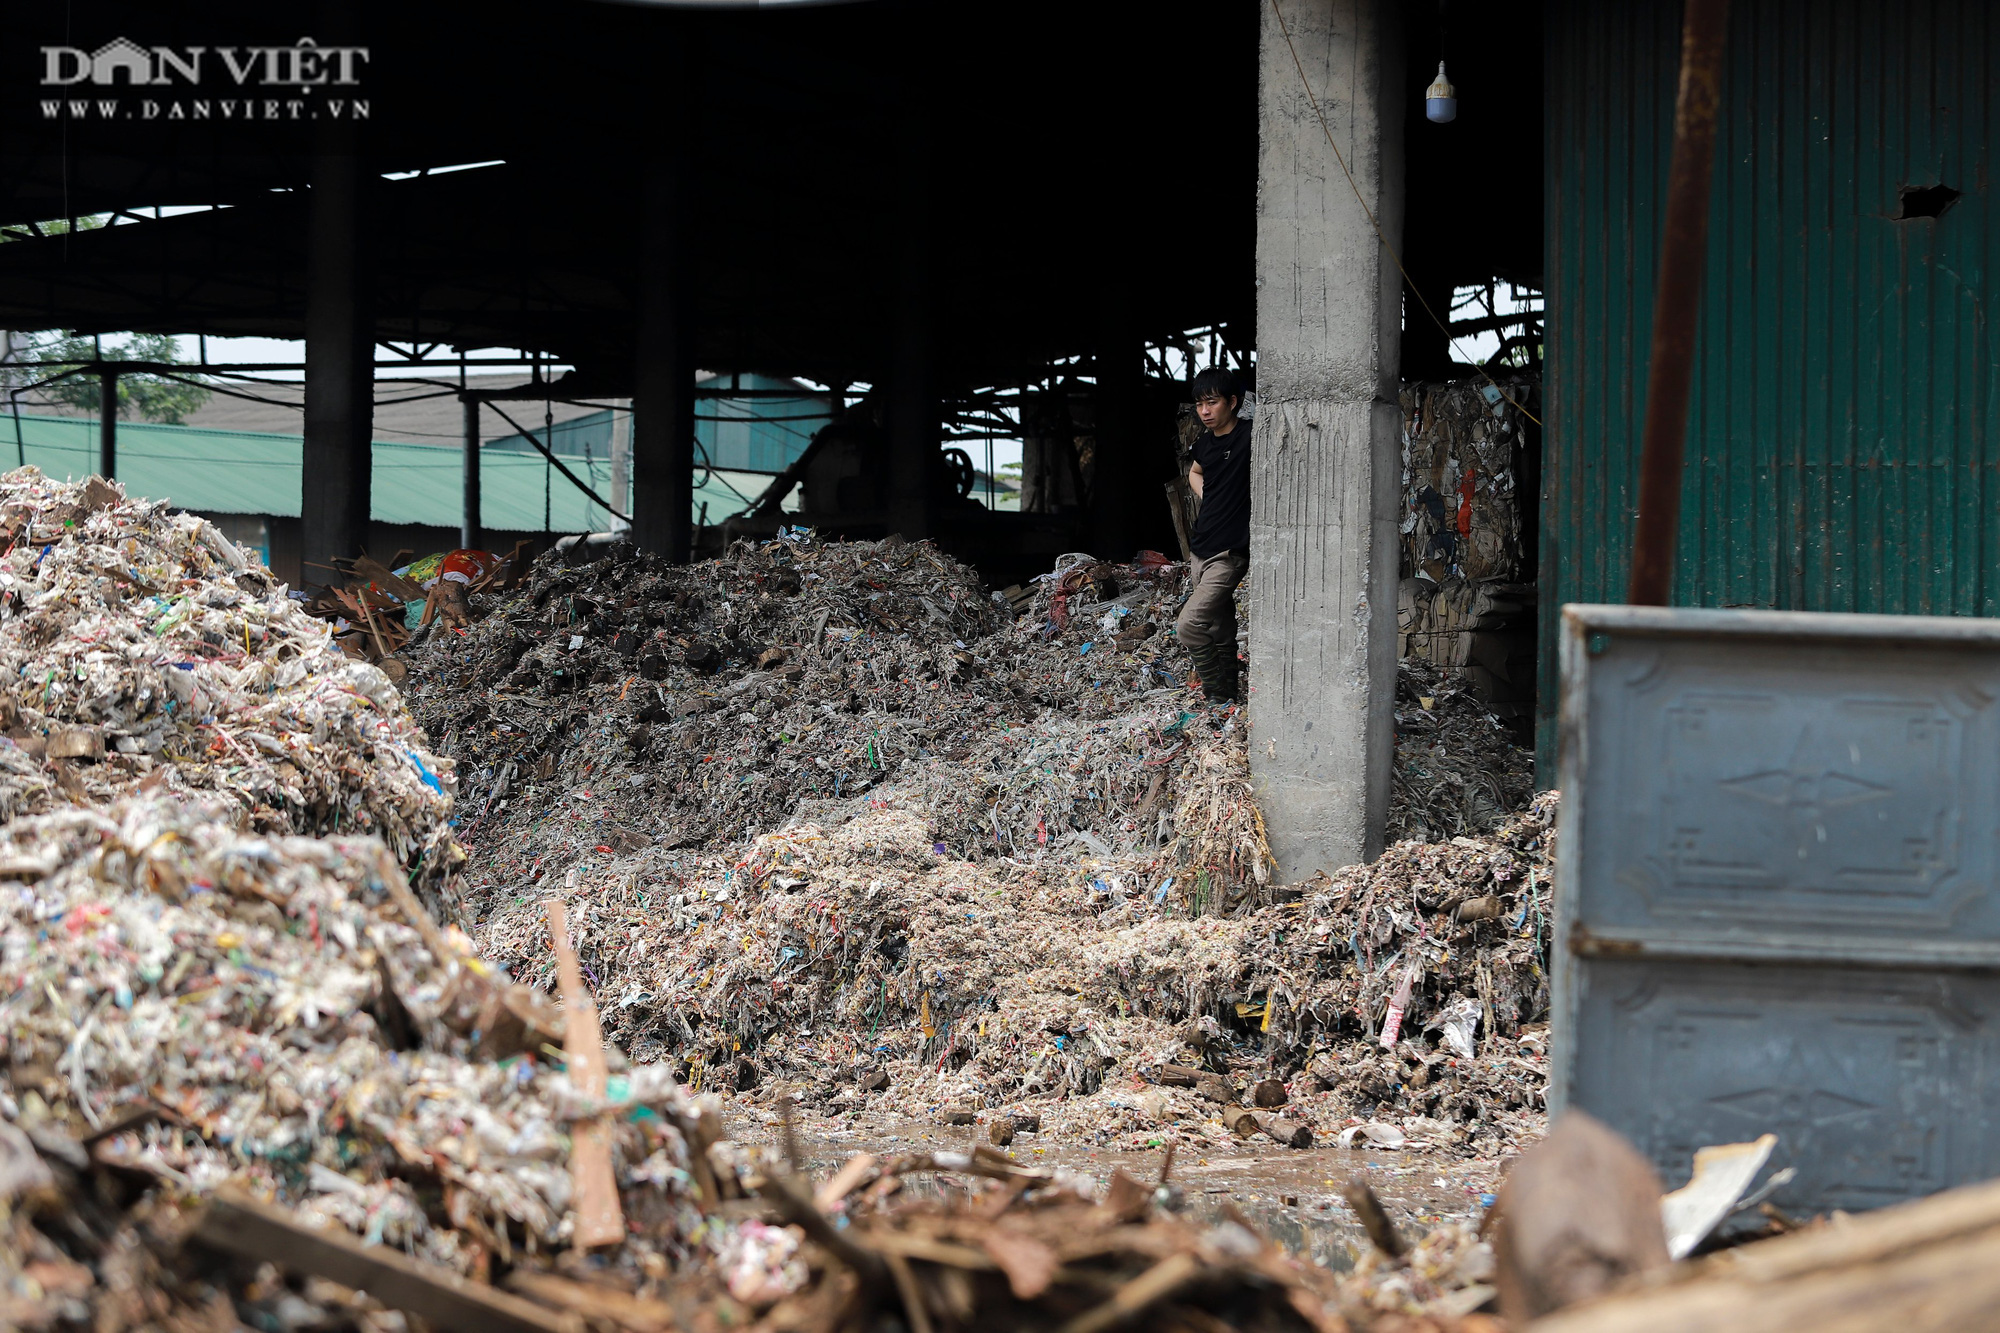 Ám ảnh khủng khiếp ở làng giấy Phú Lâm: Ô nhiễm đến con ruồi cũng không sống nổi, công nhân bán mòn sức - Ảnh 20.